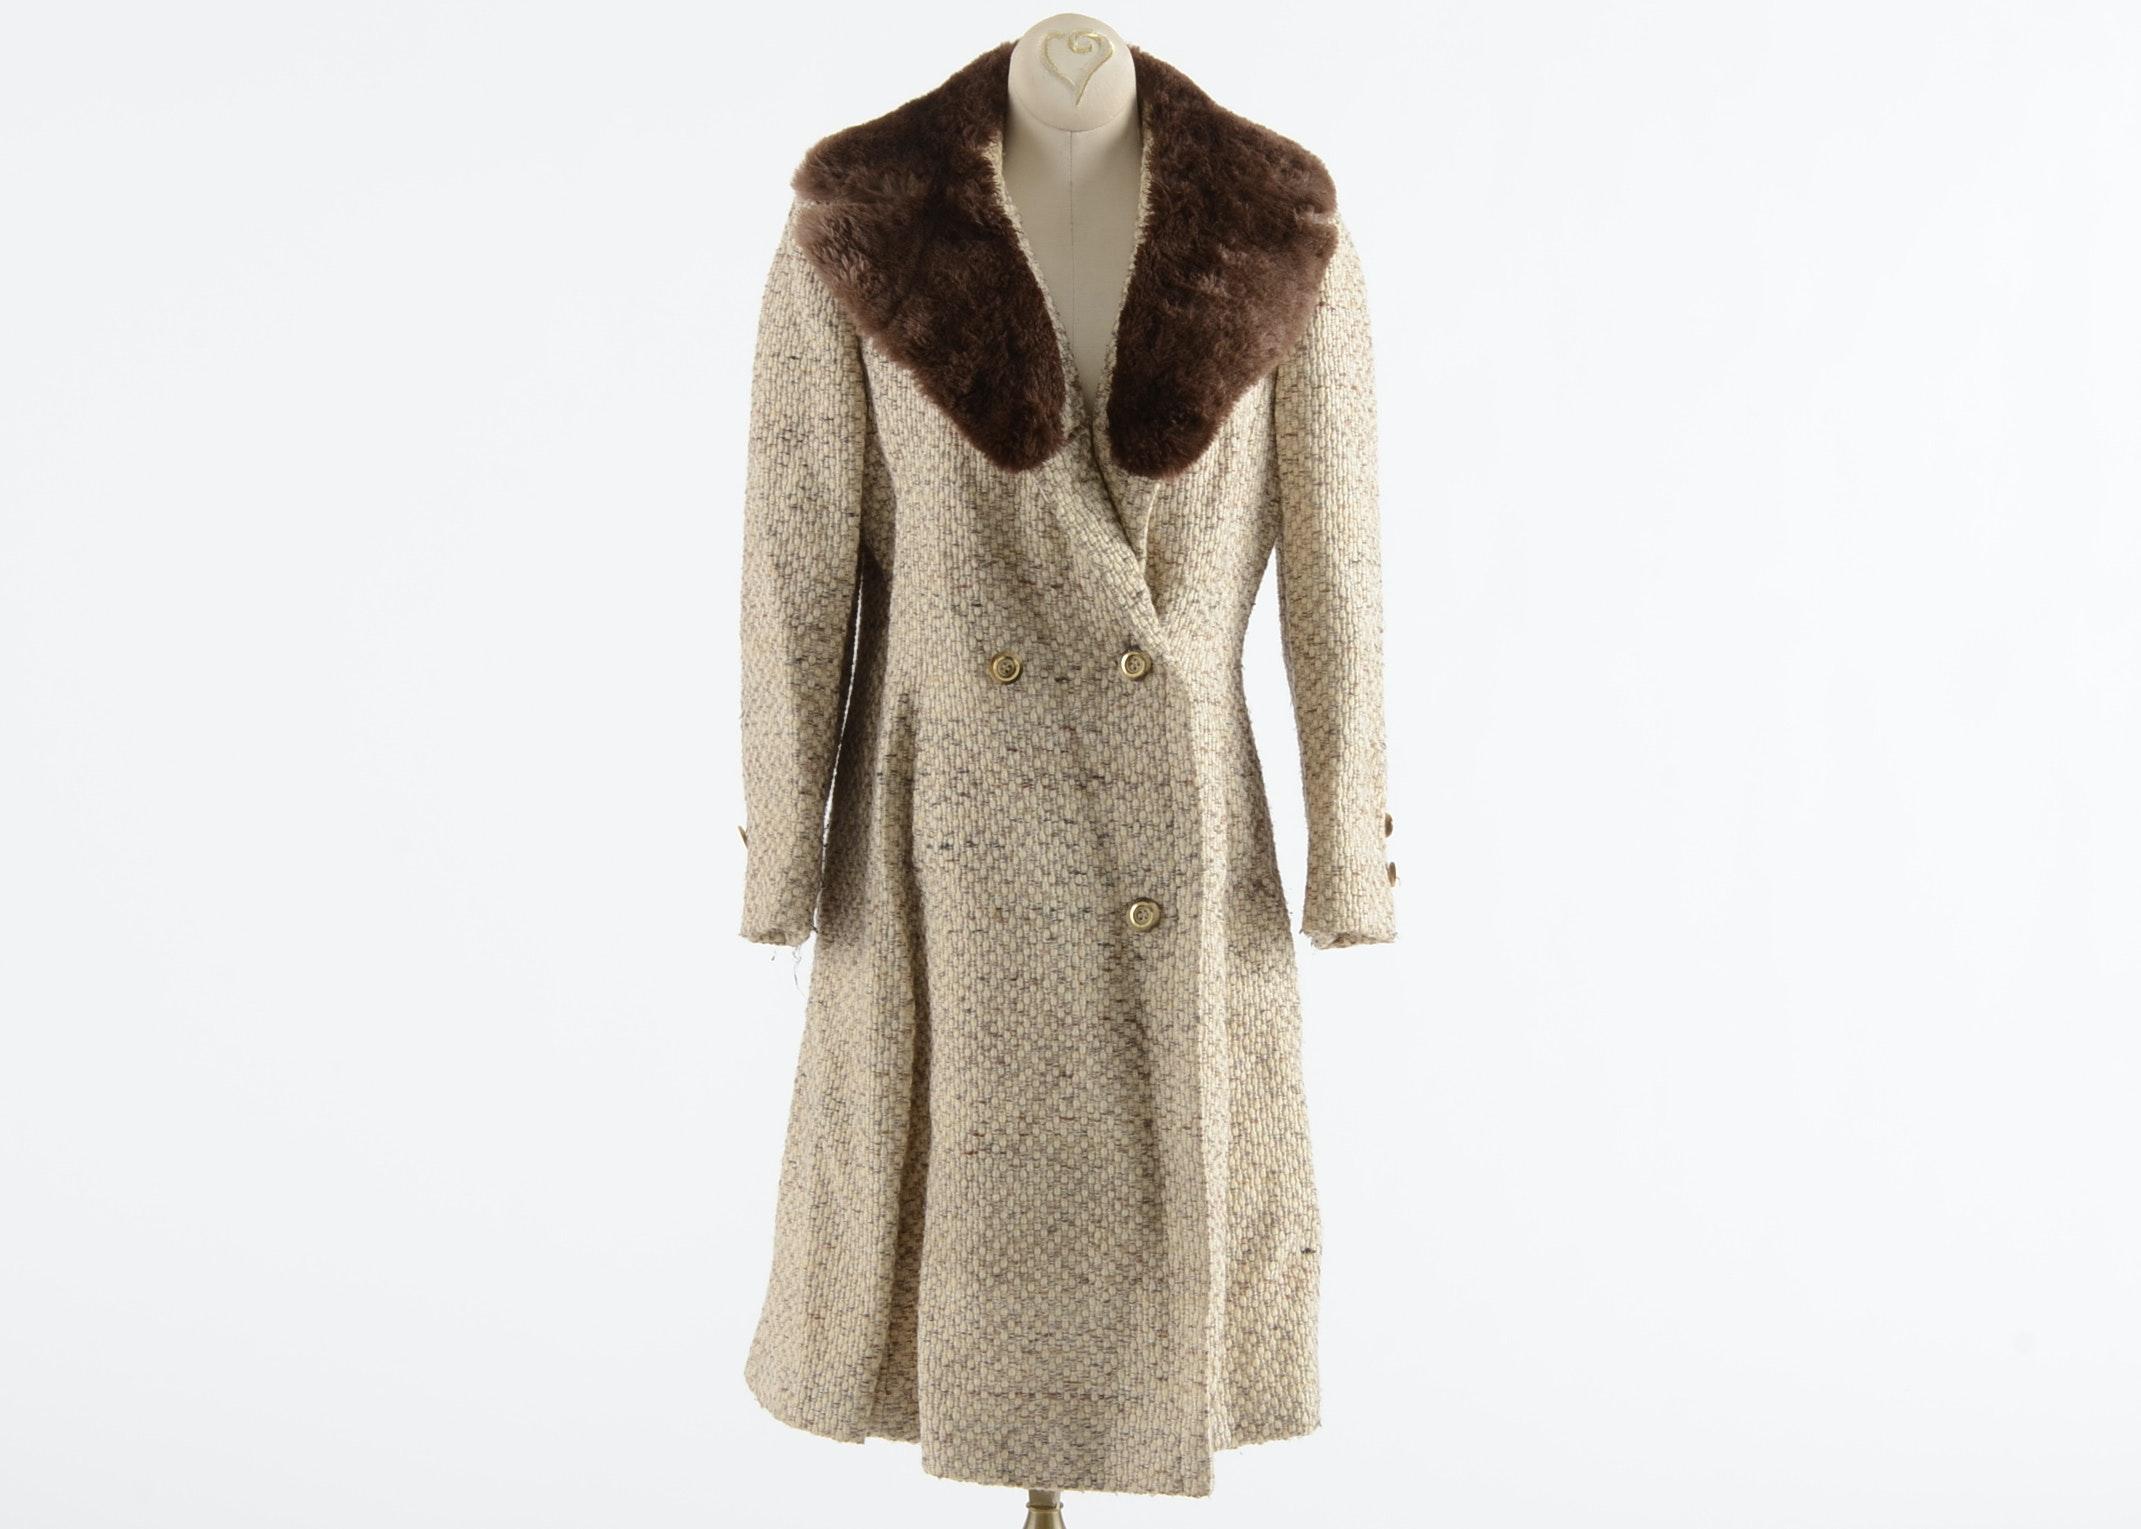 1970s Stegari New York Wool Tweed and Sheared Beaver Fur Coat : EBTH